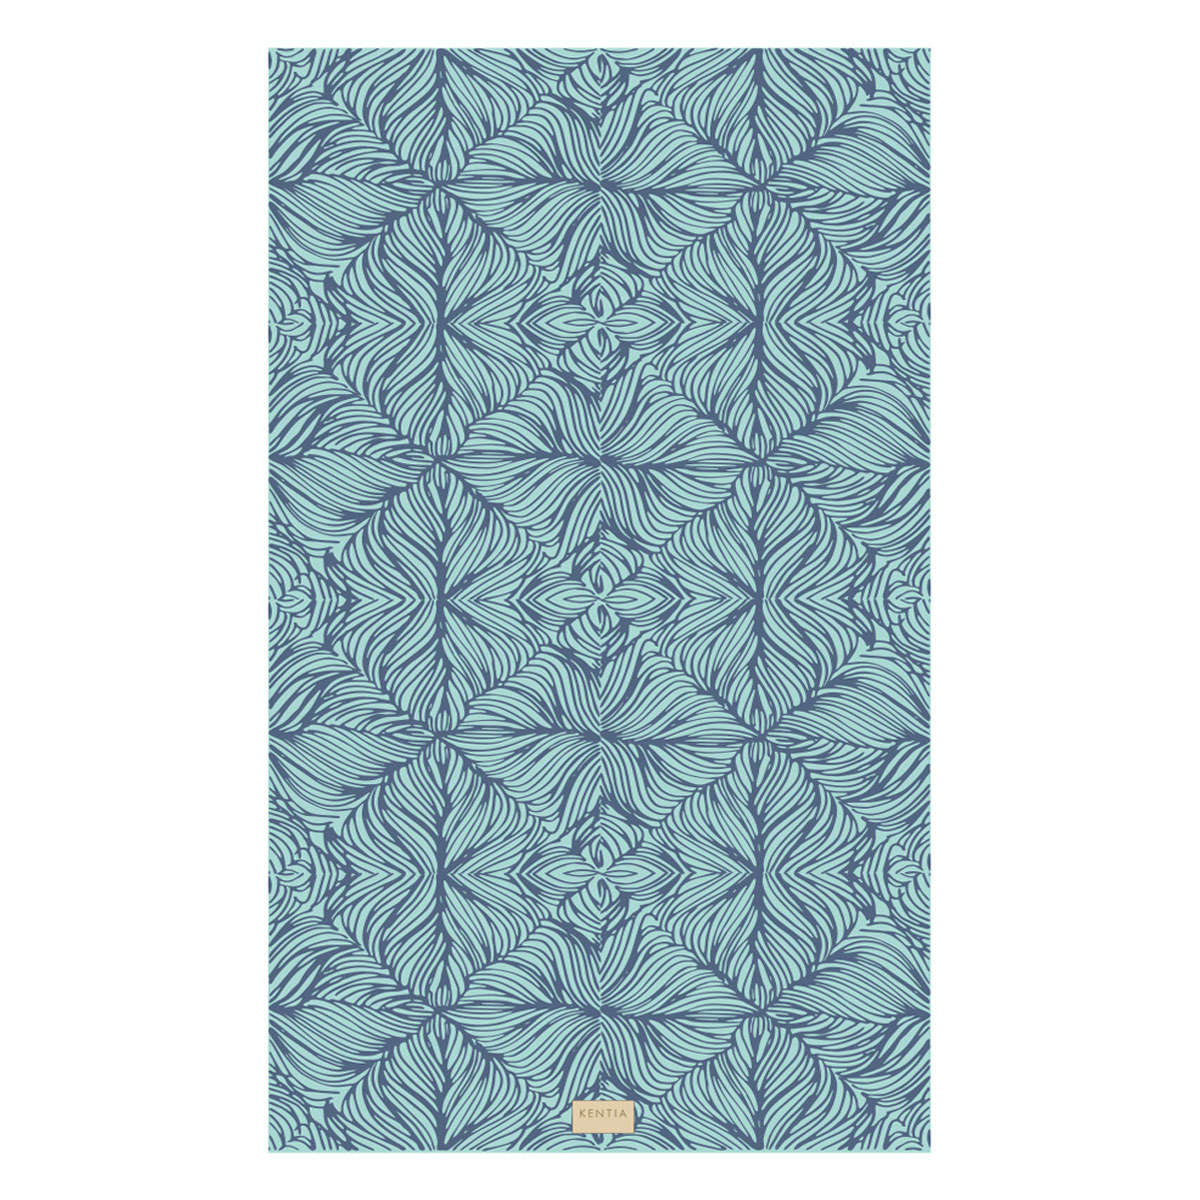 Πετσέτα Θαλάσσης Thiseas 16 Veraman Kentia Θαλάσσης 80x160cm